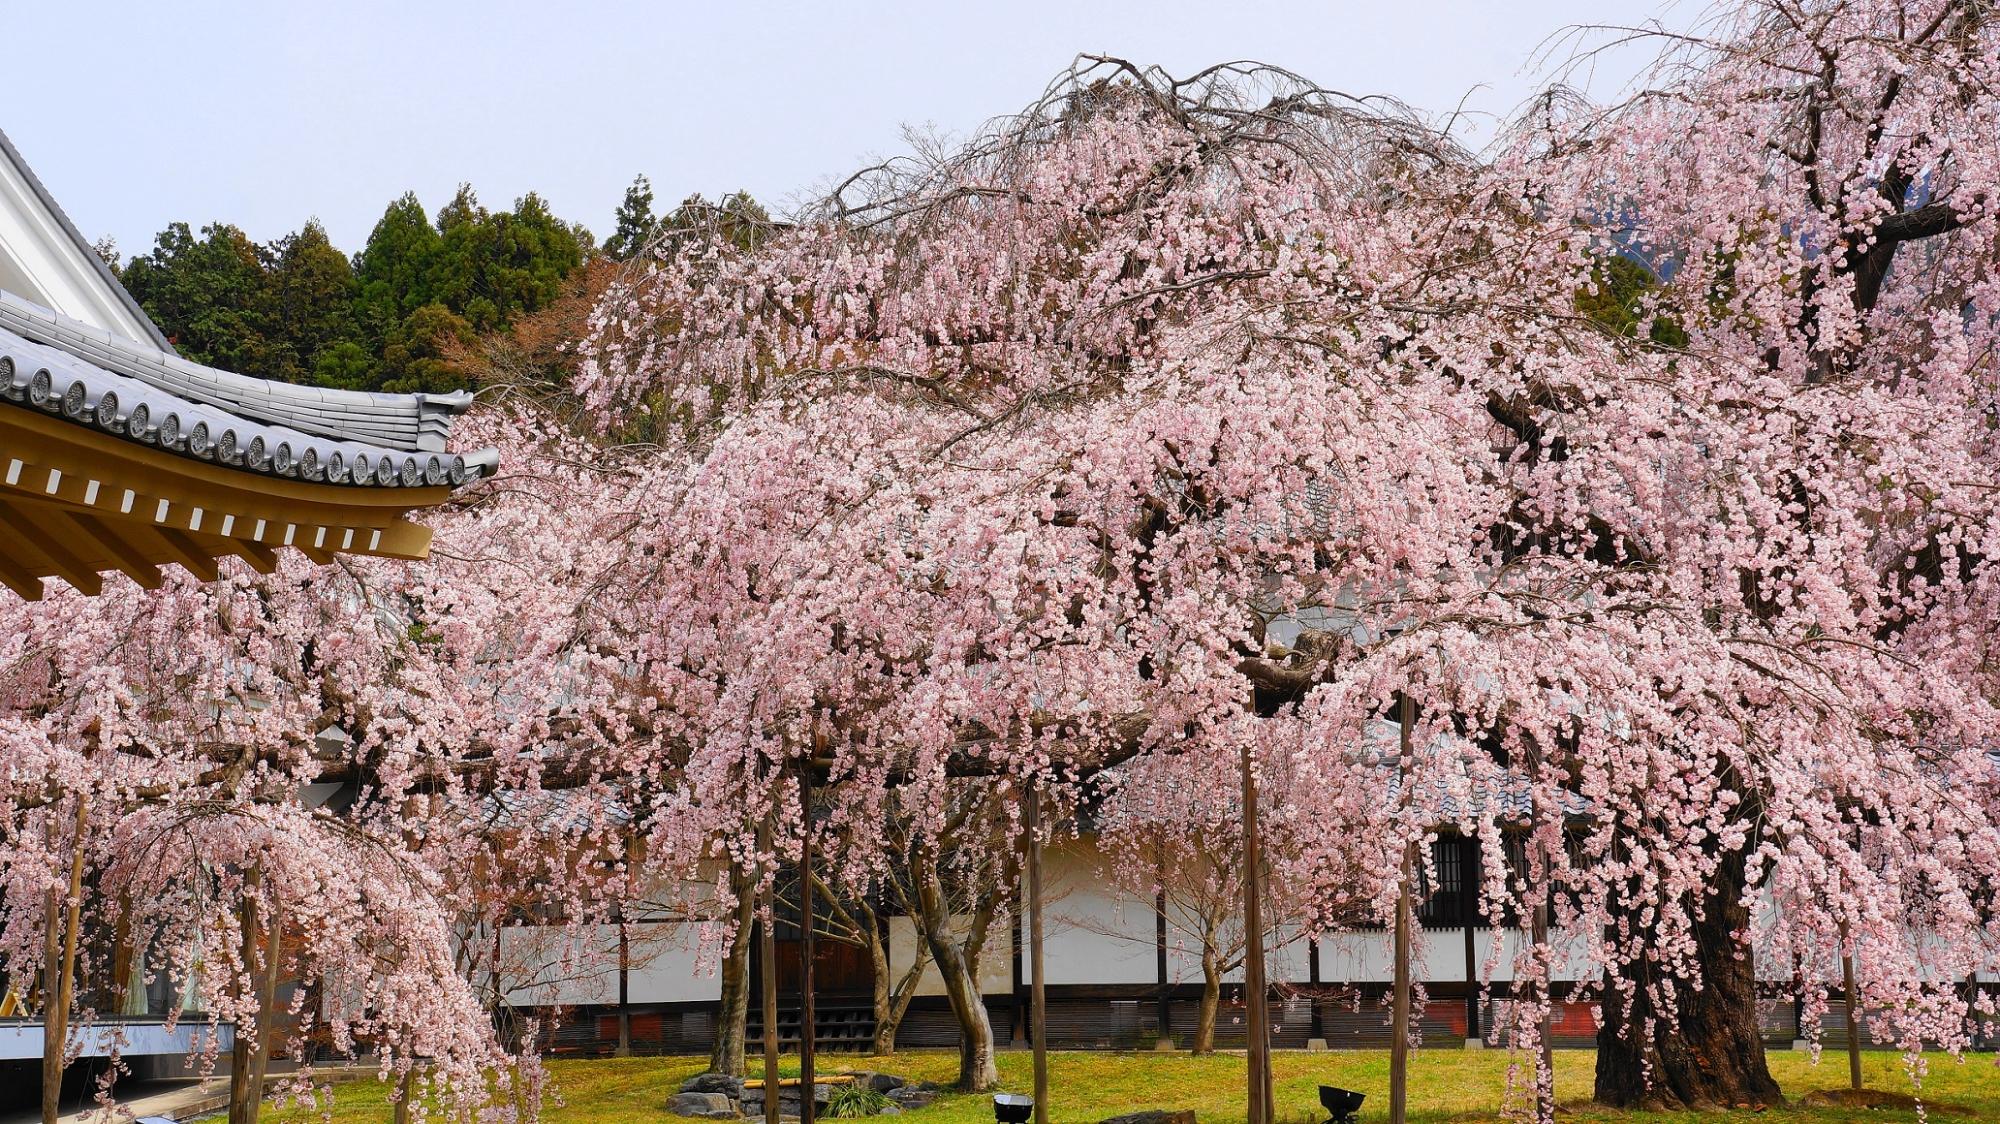 秀吉の花見で有名な醍醐寺の霊宝館の満開の醍醐深雪桜